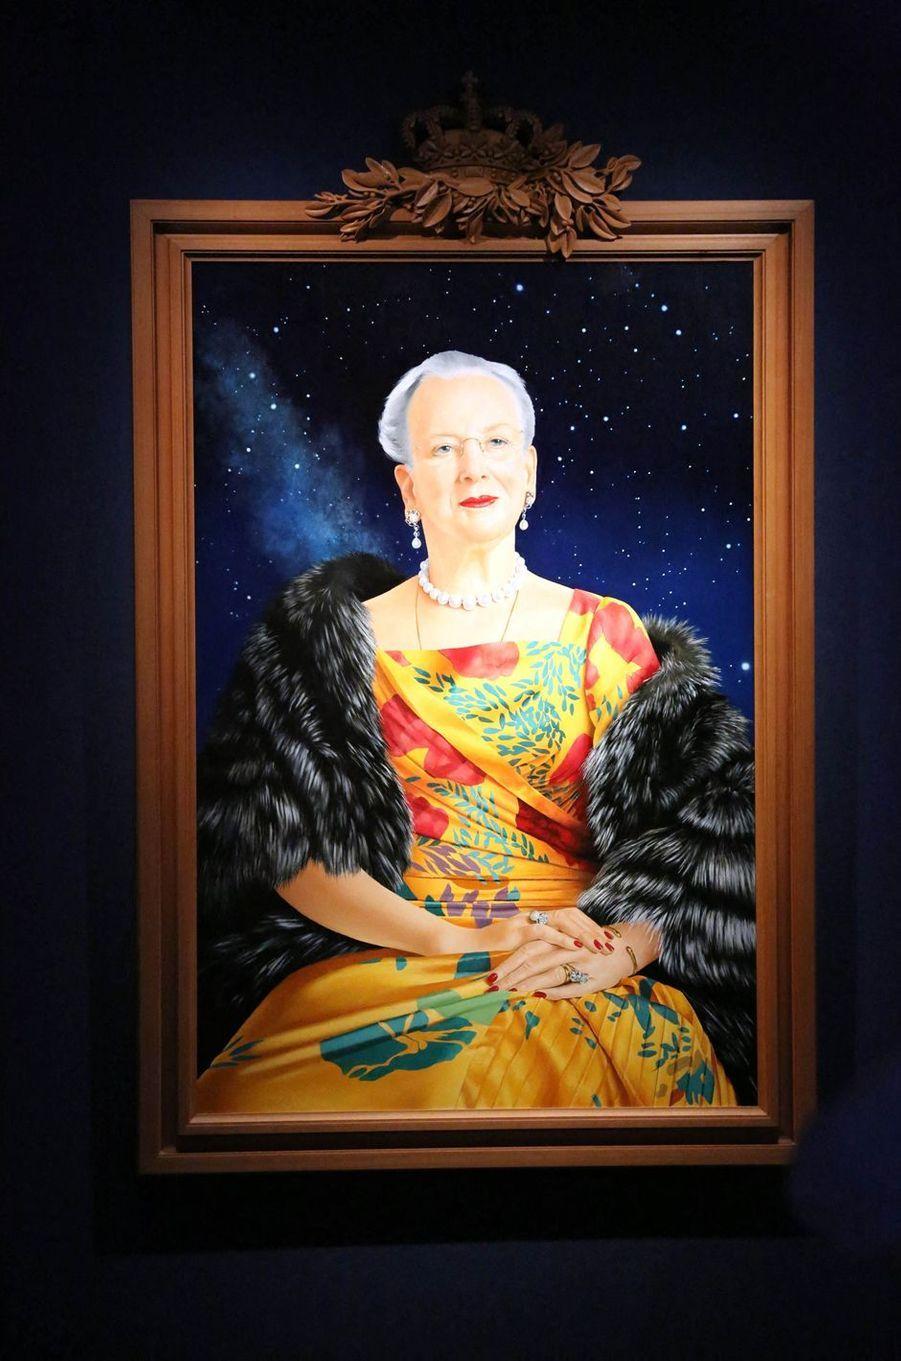 Le nouveau portrait de la reine Margrethe II de Danemark